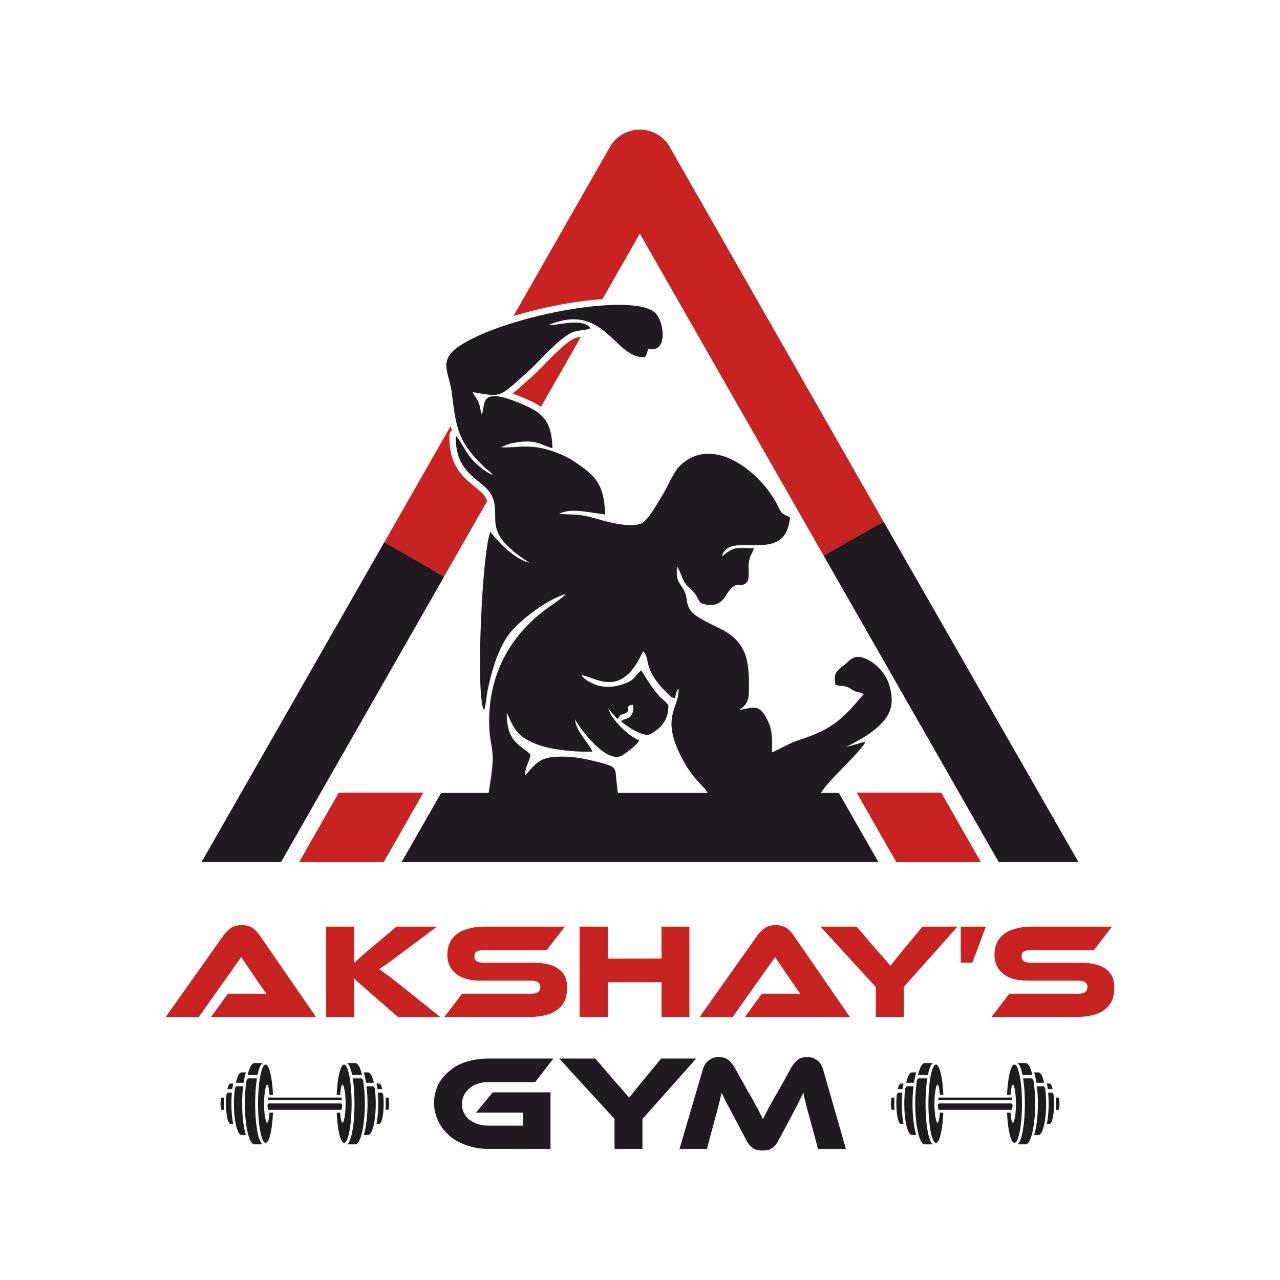 Akshay's Gym